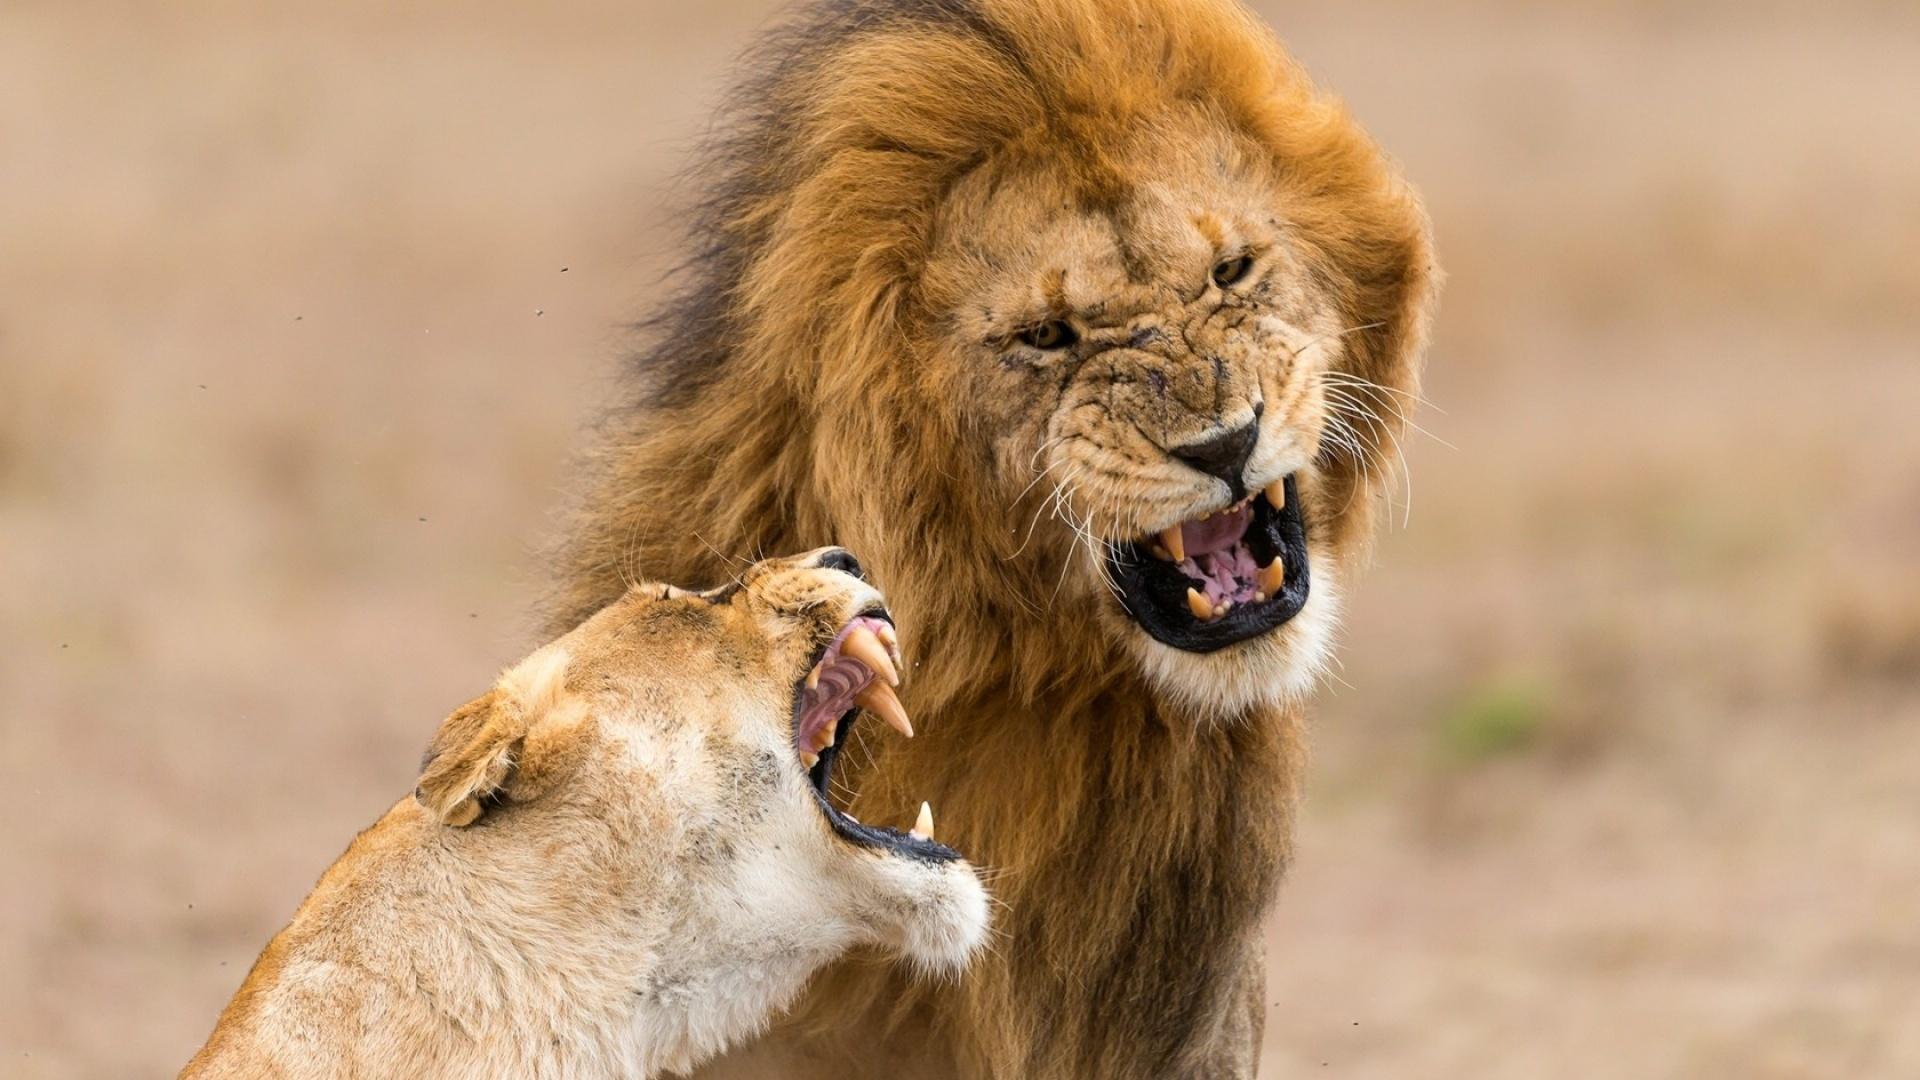 Веселые картинки с львами, картинки очень